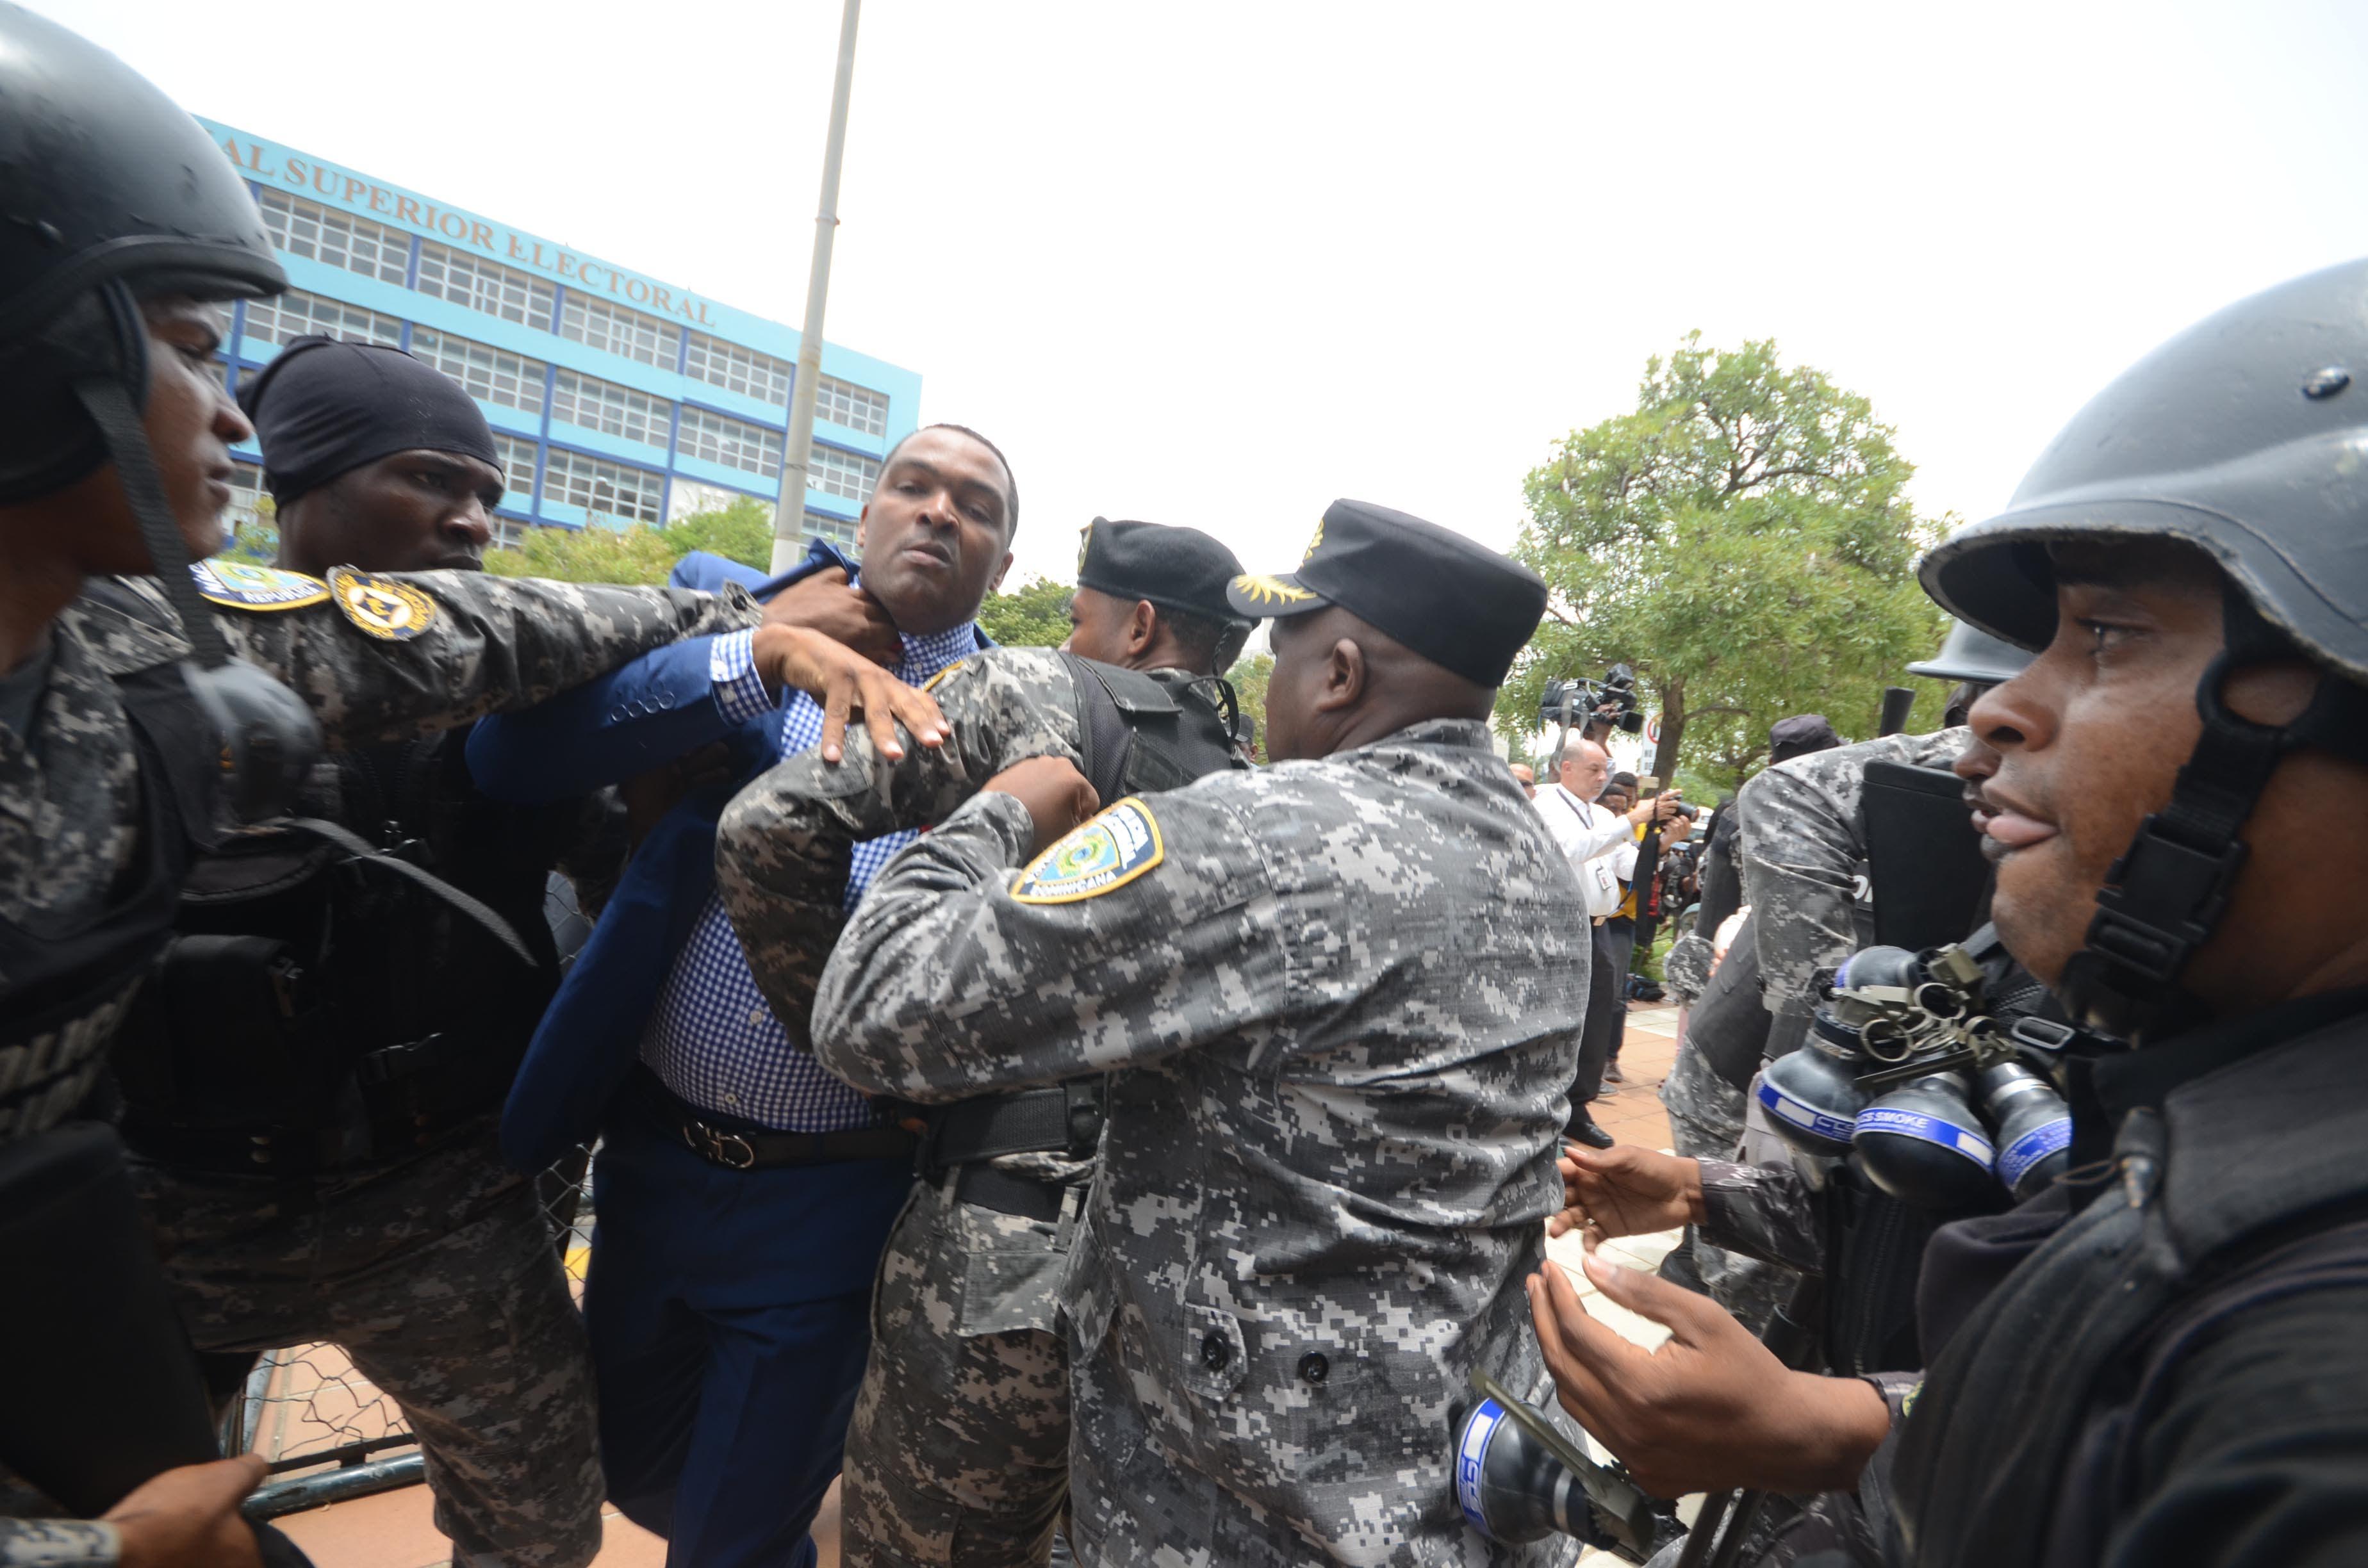 La agresión a manifestantes y legisladores en la Procuraduría General de la República